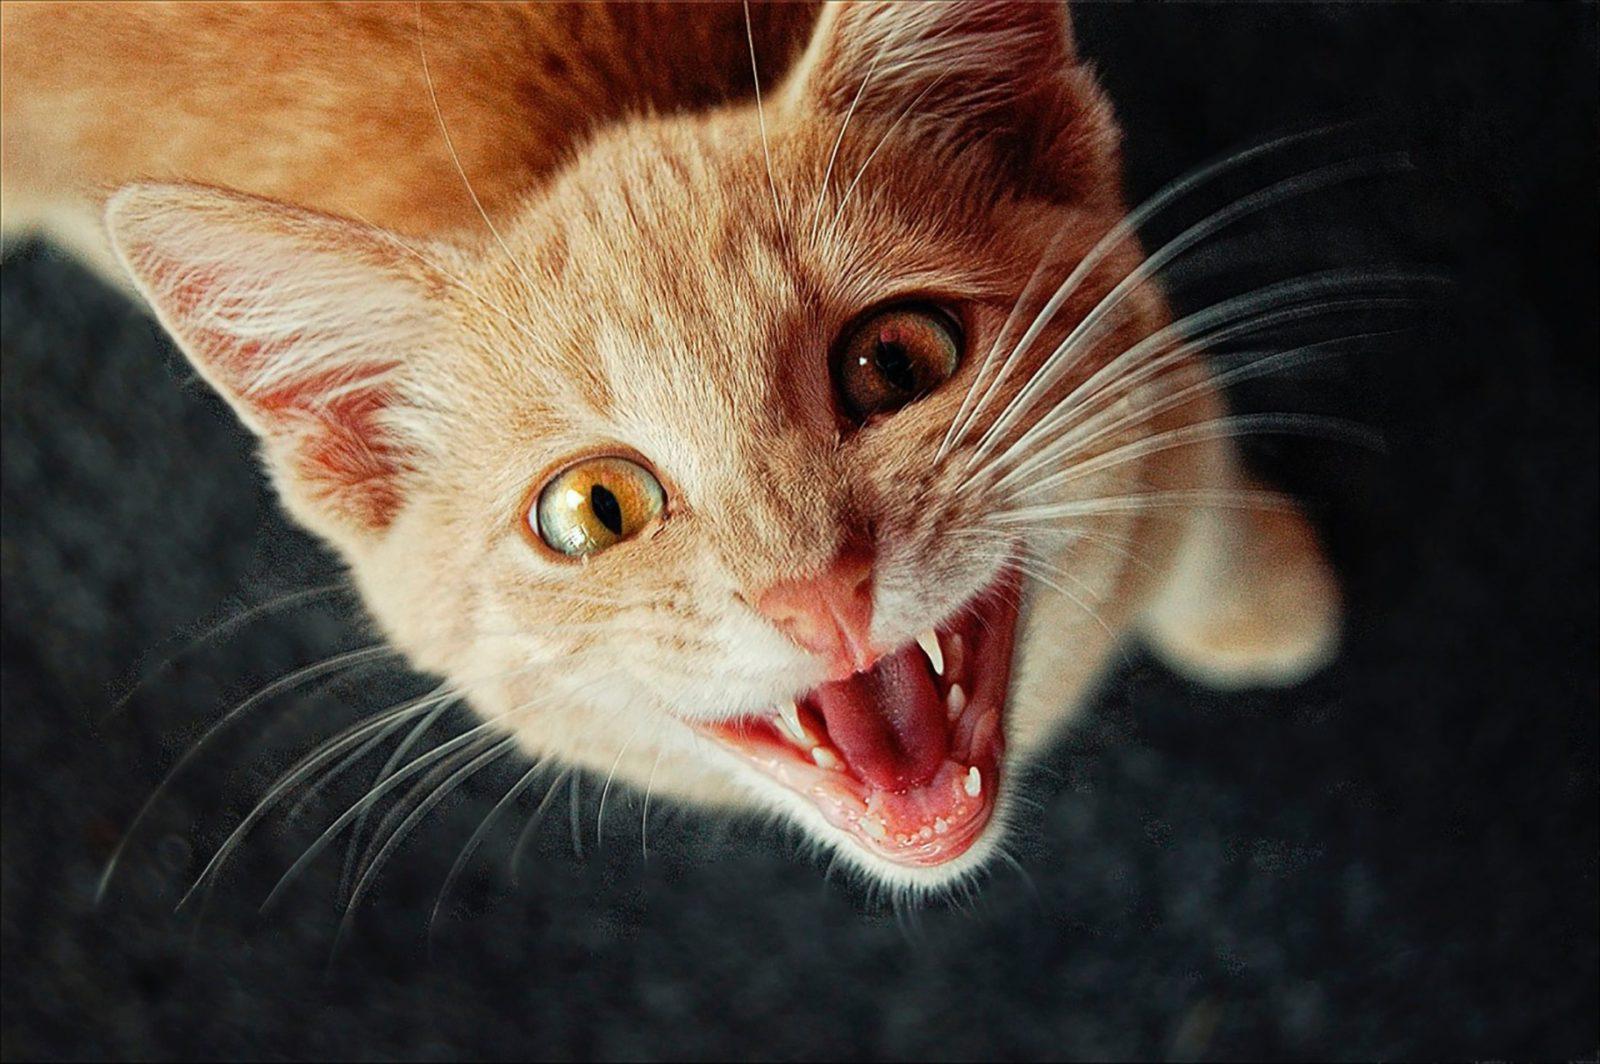 Embora não haja gatos com síndrome de Down, existem características parecidas.